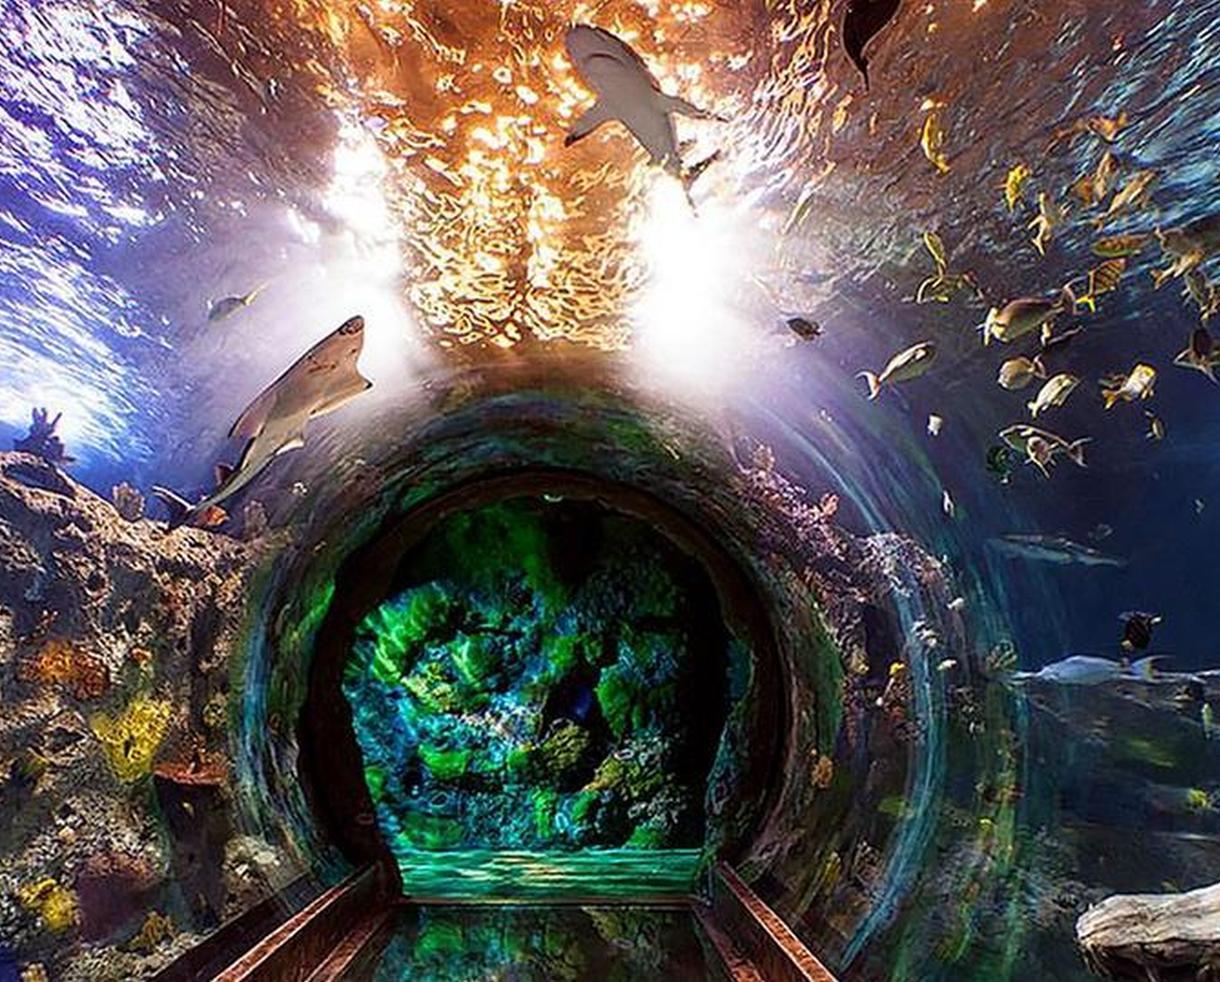 SEA LIFE Grapevine Aquarium Admission